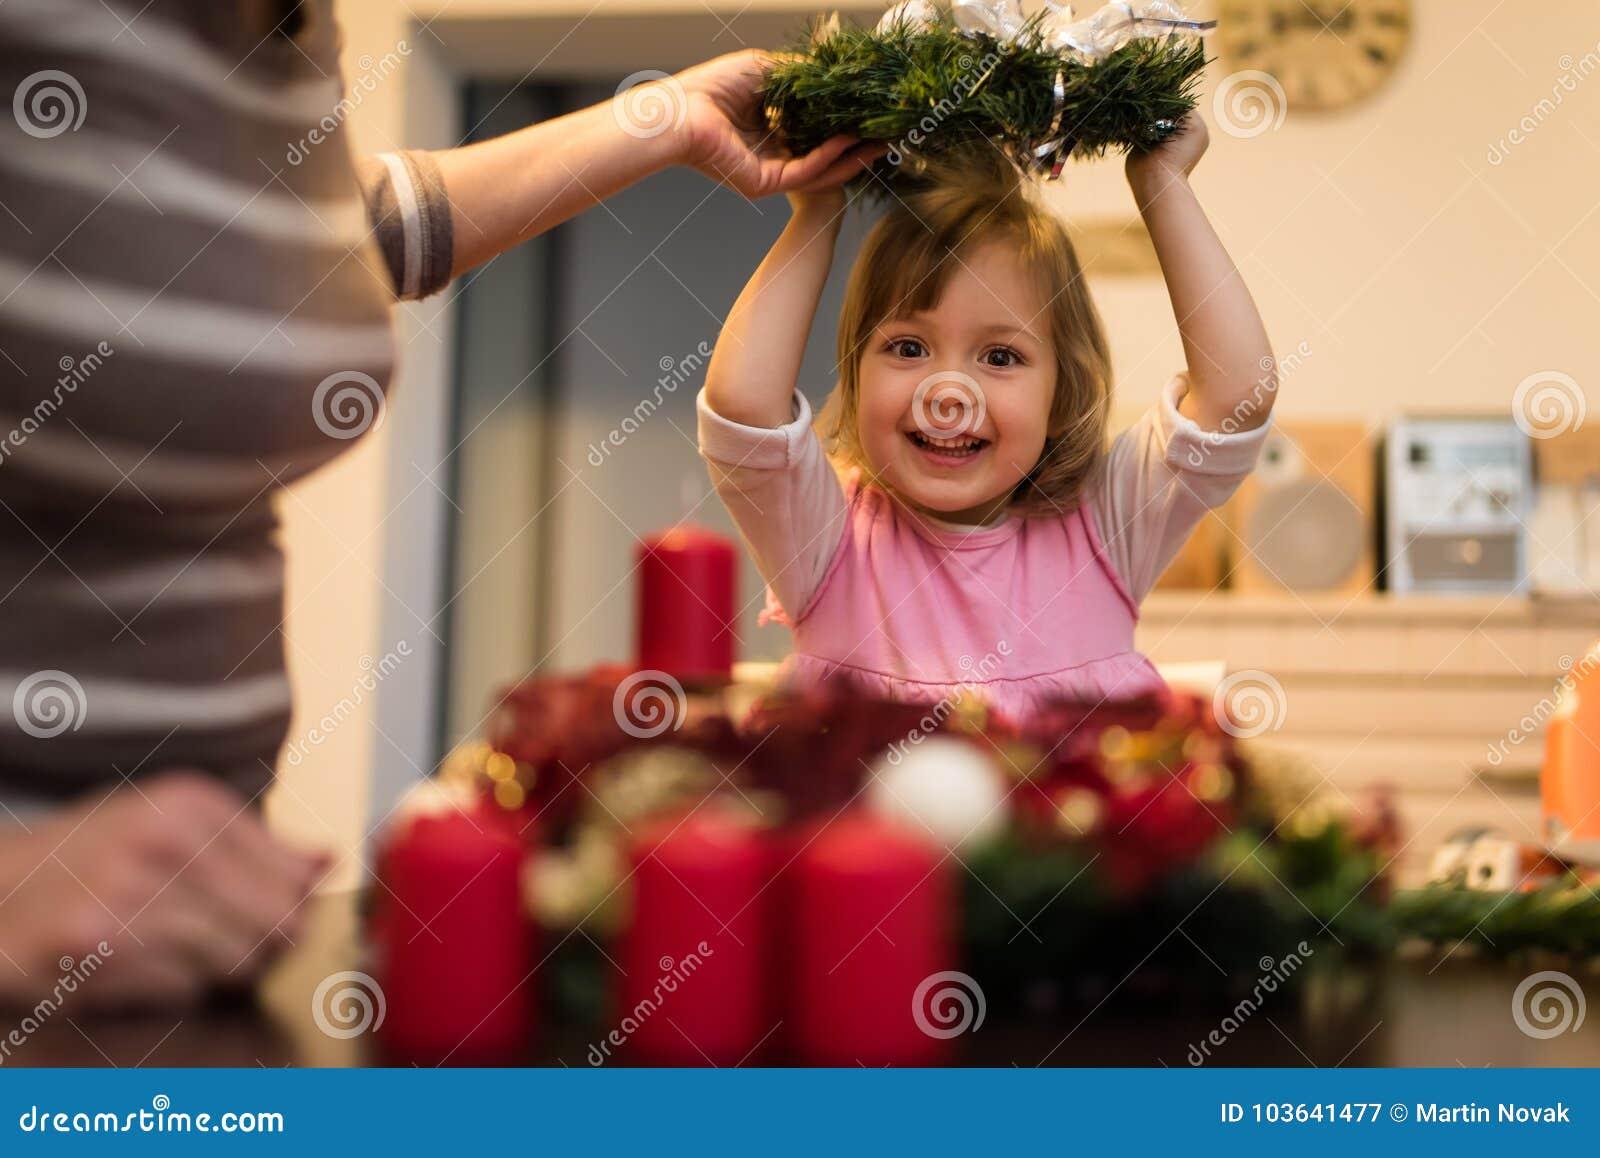 Mała dziewczynka trzyma boże narodzenie wianek nad jej głowa